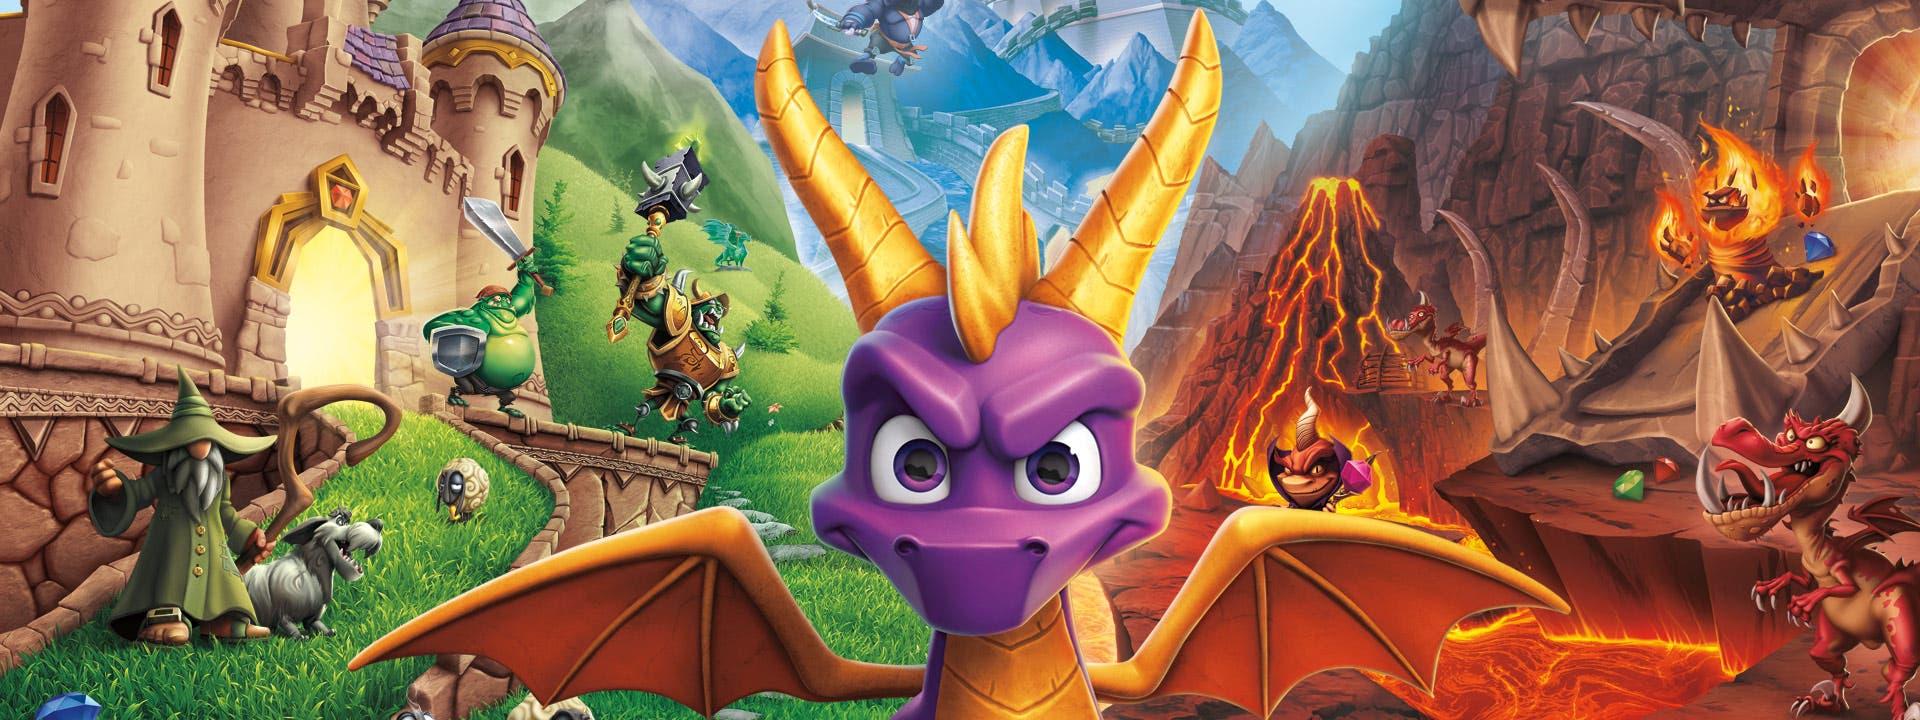 Imagen de Toys for Bob no descarta que Spyro Reignited Trilogy vea la luz en otras plataformas